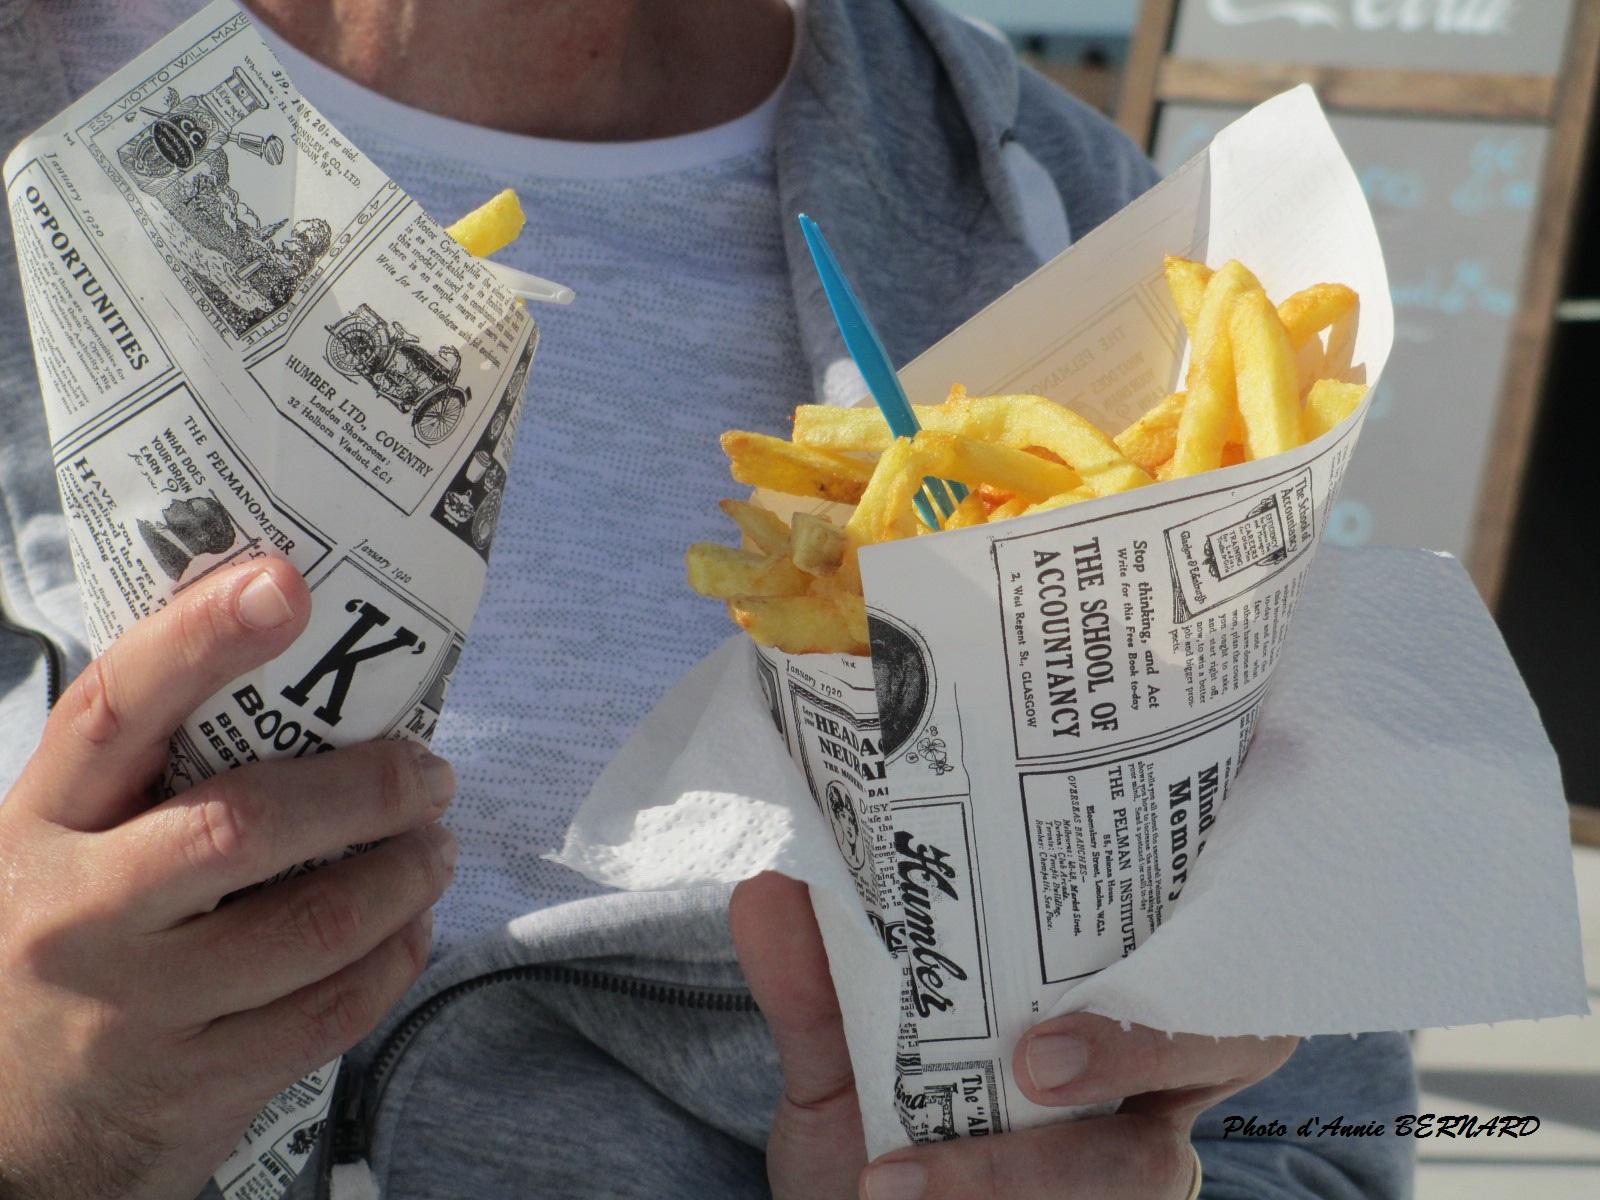 Cornets de frites à la plage de Calais